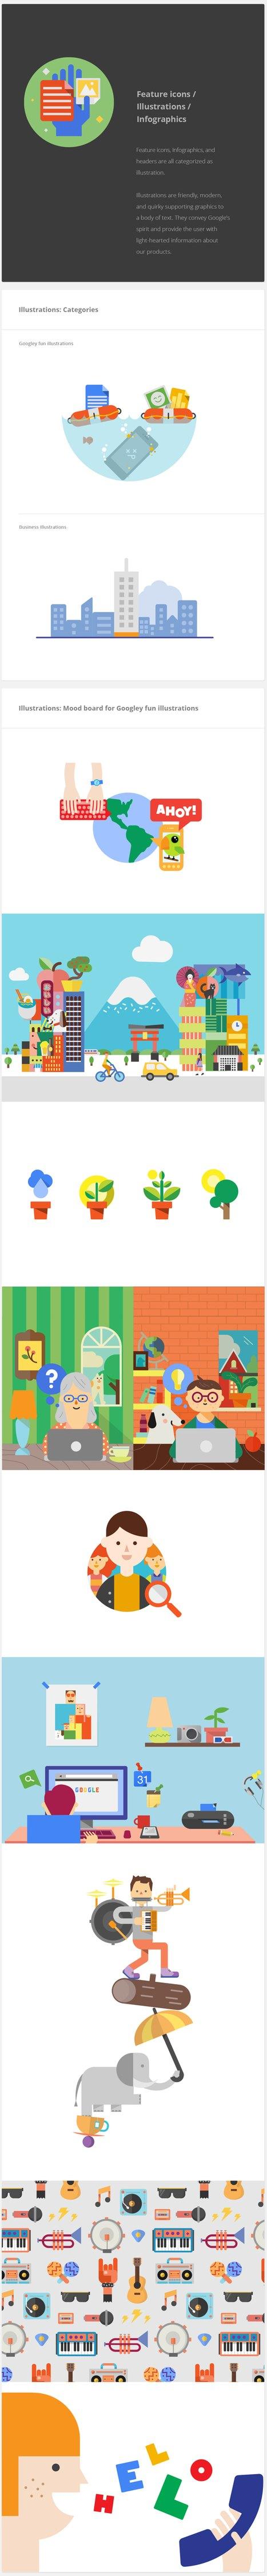 Обнародованы принципы дизайна Google. Изображение № 3.